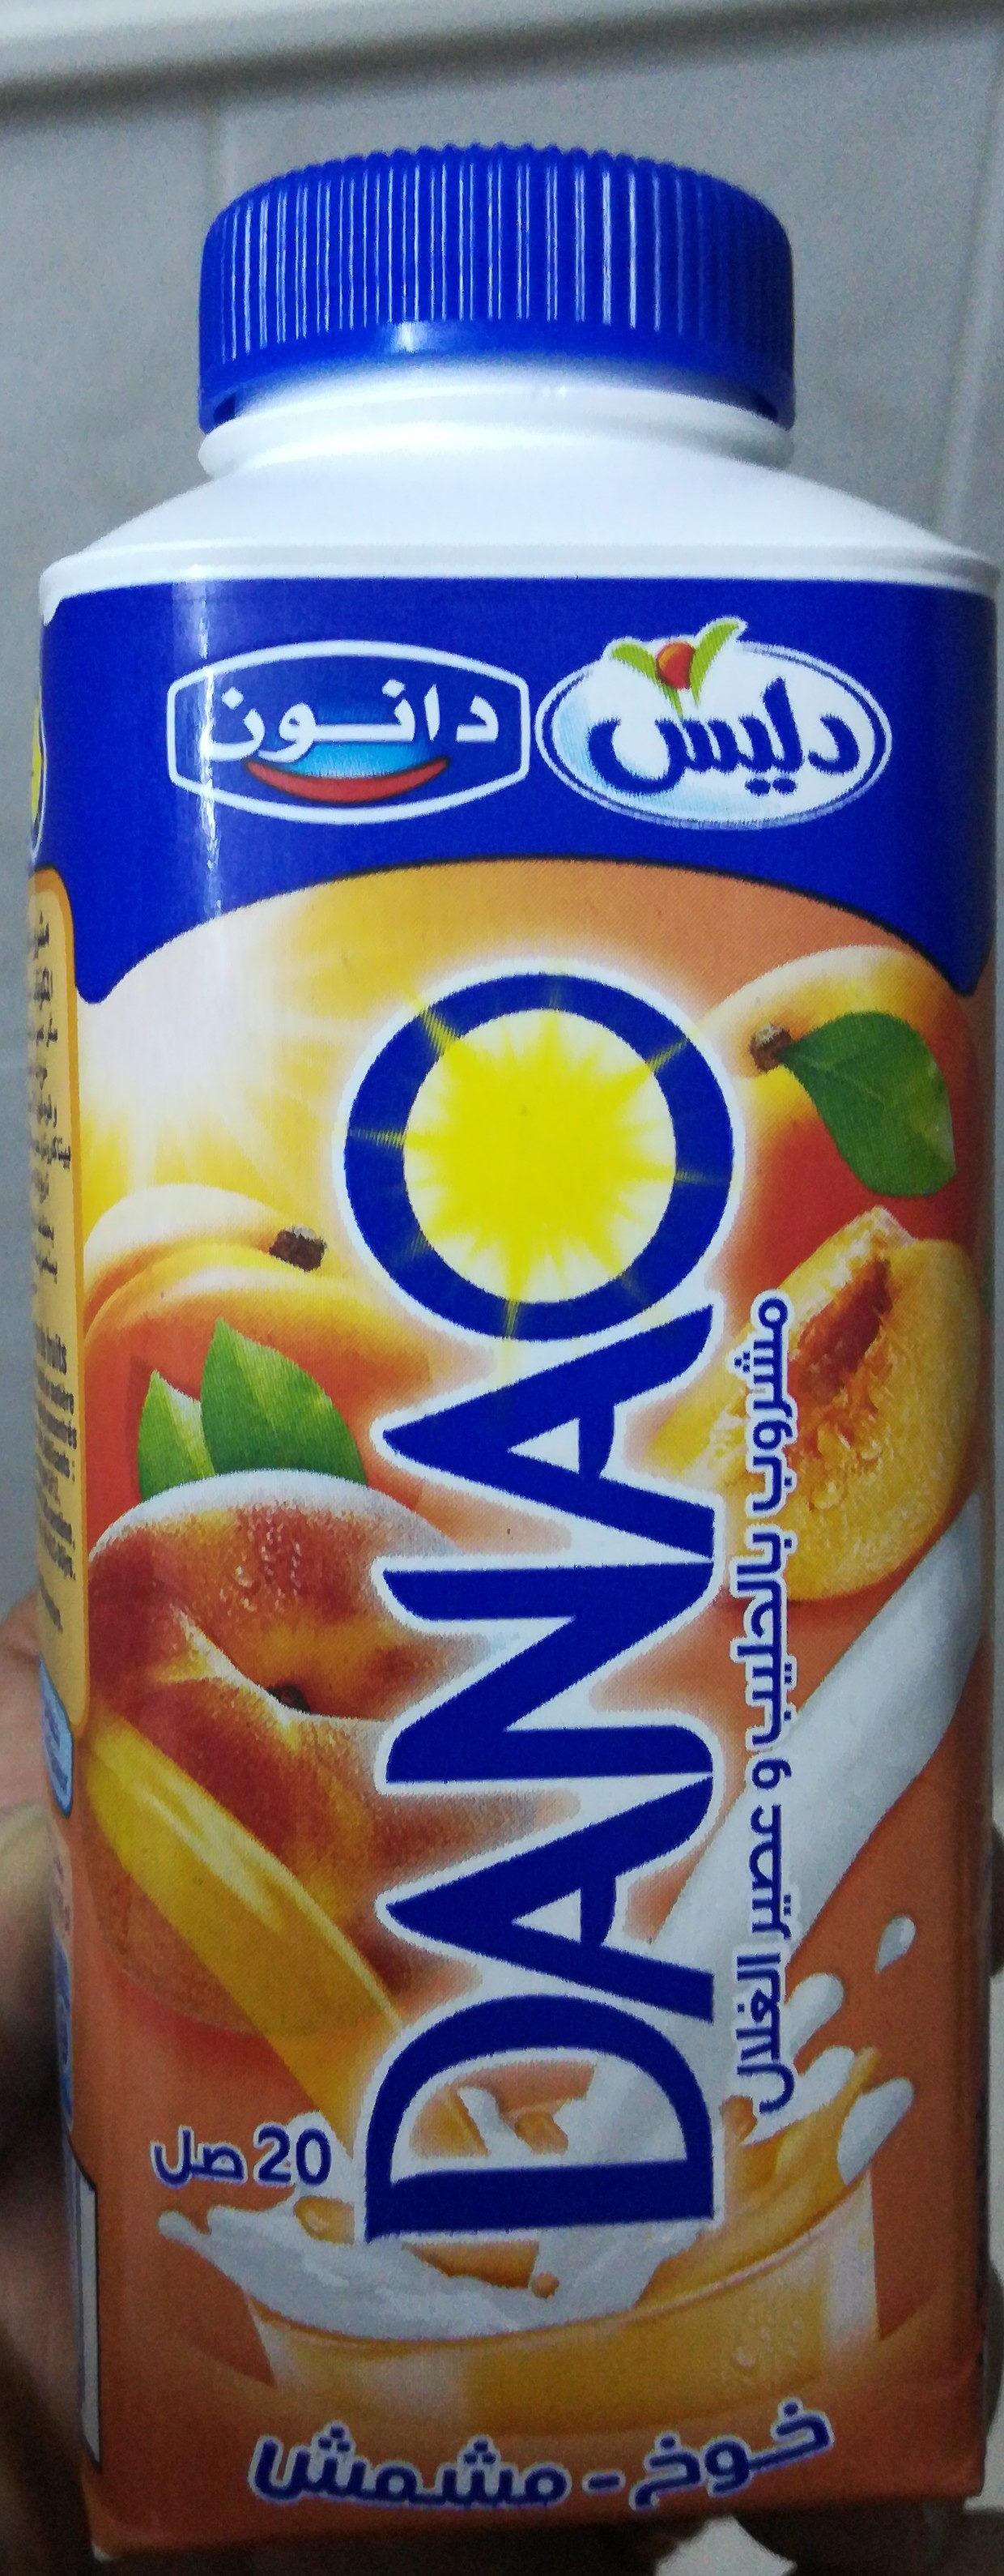 Danao - Product - fr